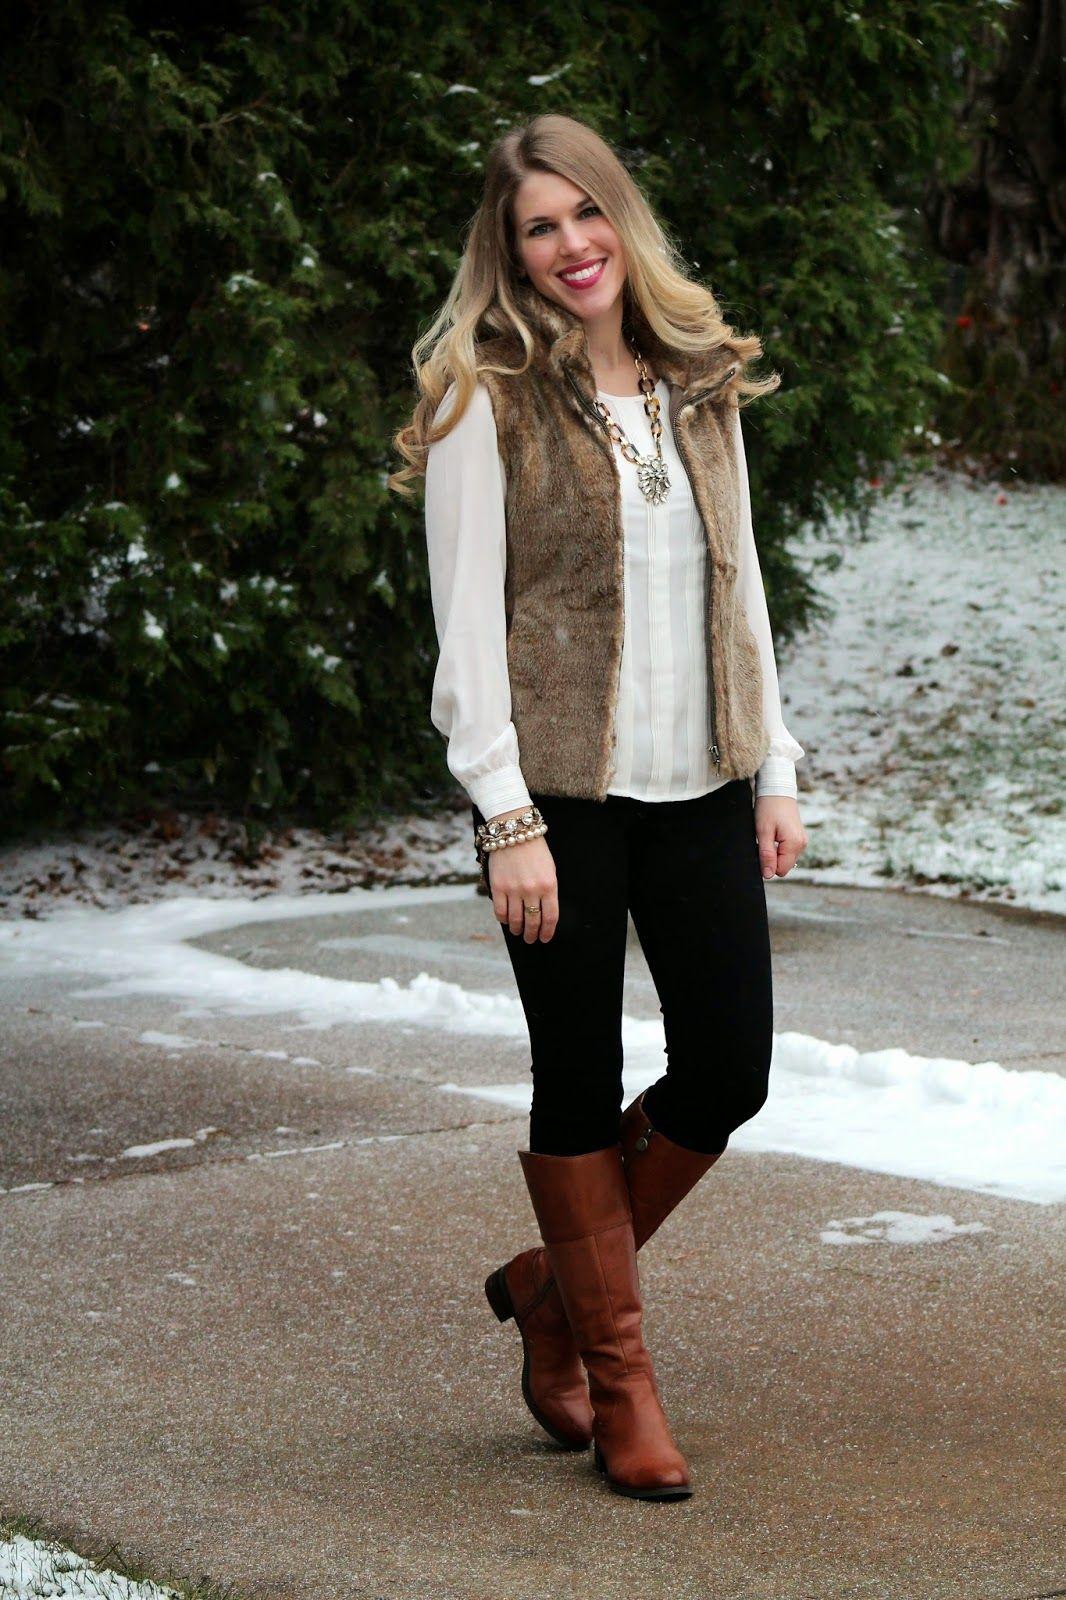 Short Skirt & Tall Boots & Confident Twosday Linkup - I do